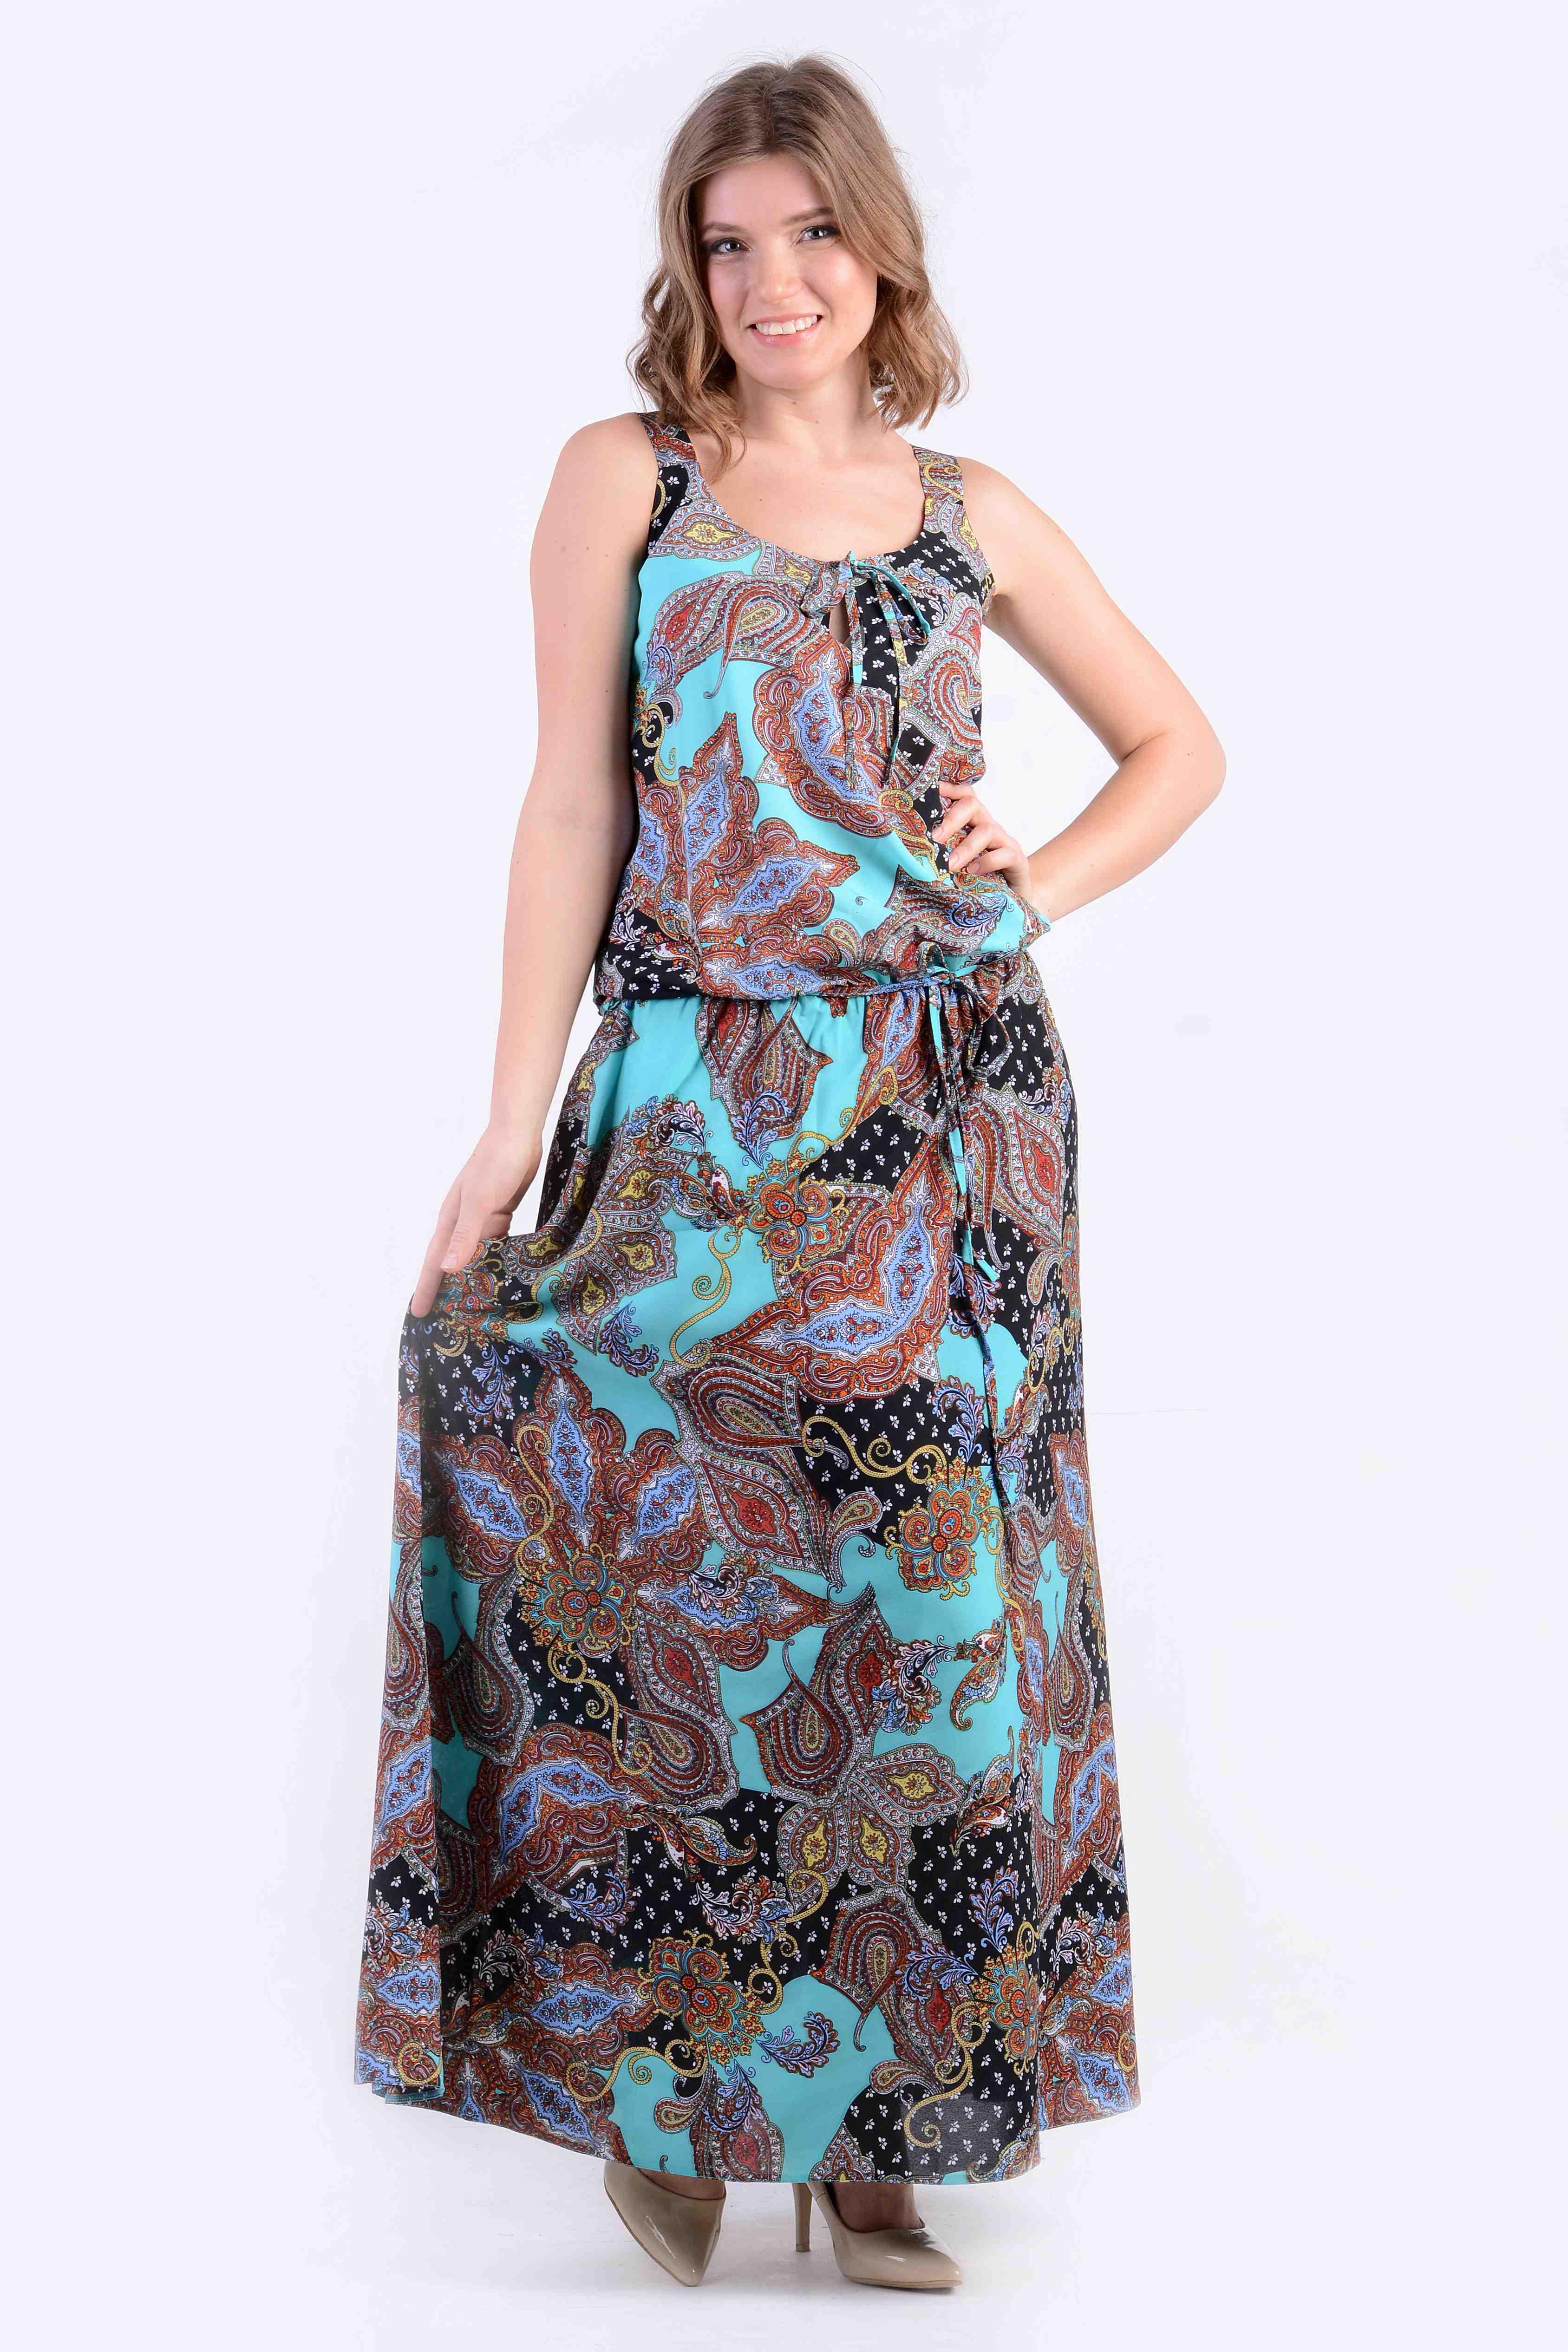 ПлатьеПлатья<br>Притягательное платье яркой расцветки из воздушного шифона.  Цвет: голубой, черный, мультицвет  Рост девушки-фотомодели 170 см<br><br>По образу: Город,Свидание<br>По стилю: Повседневный стиль<br>По материалу: Шифон<br>По рисунку: Цветные,Этнические,Растительные мотивы,С принтом<br>По сезону: Лето<br>По силуэту: Полуприталенные<br>По форме: Платье - трапеция<br>По длине: Макси<br>Рукав: Без рукавов<br>Размер: 44,46,48<br>Материал: 65% вискоза 35% полиэстер<br>Количество в наличии: 3